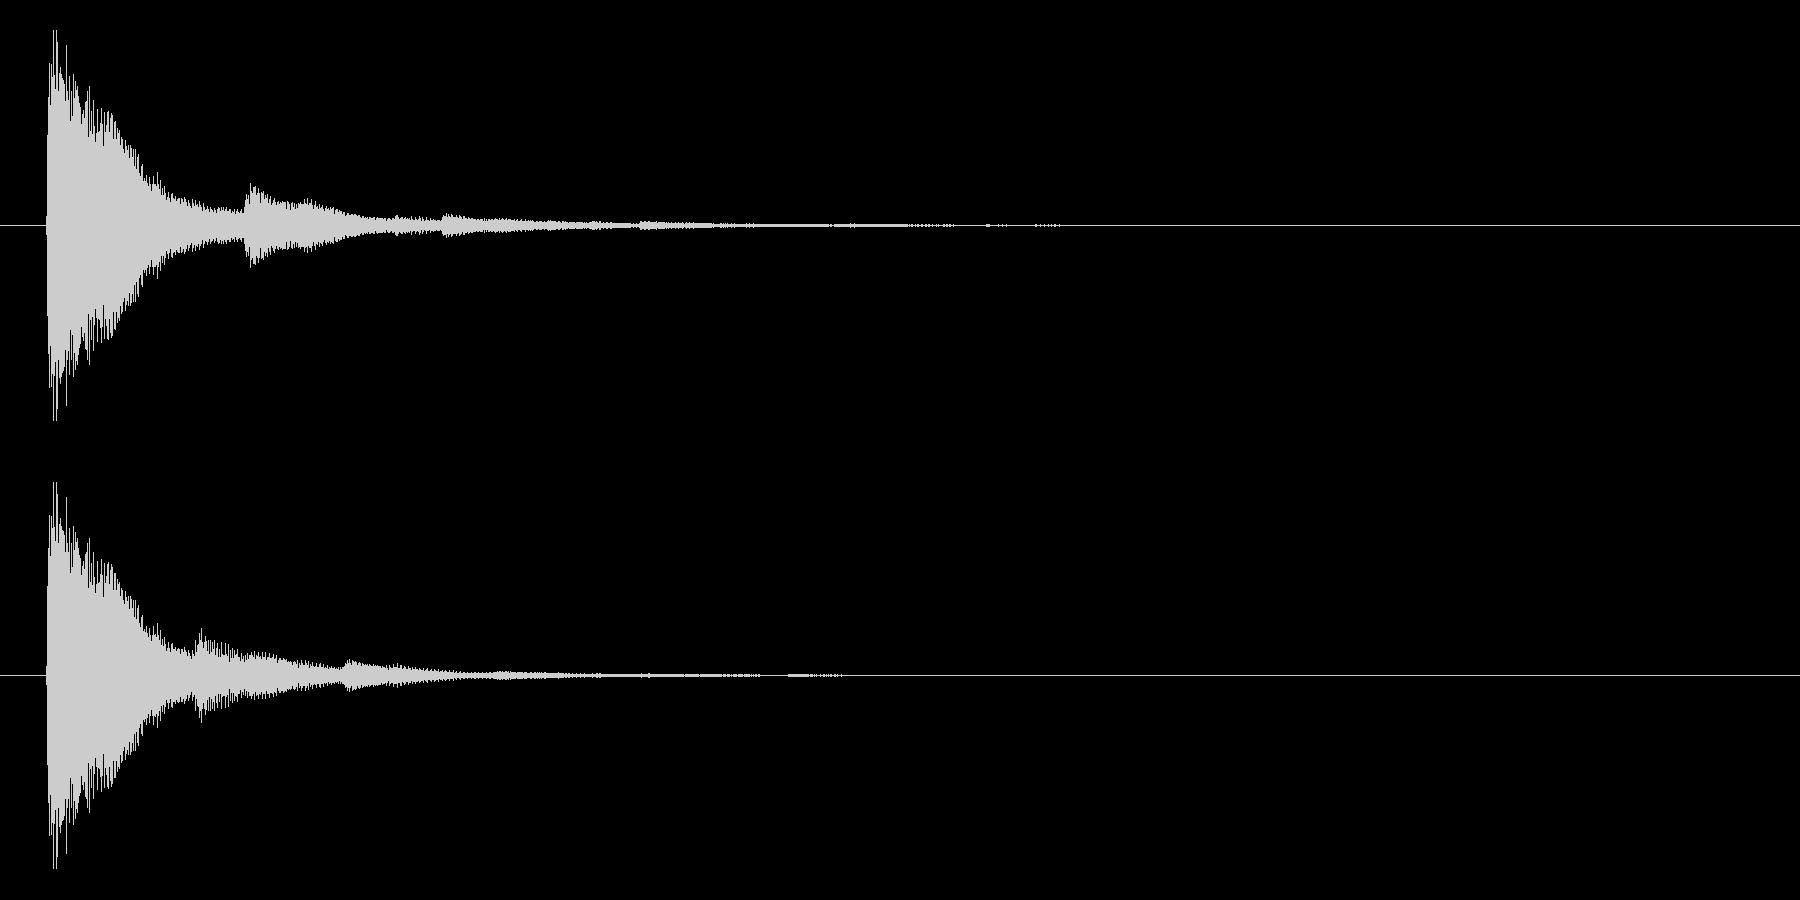 ジャーン(和風、サムライ等)の未再生の波形